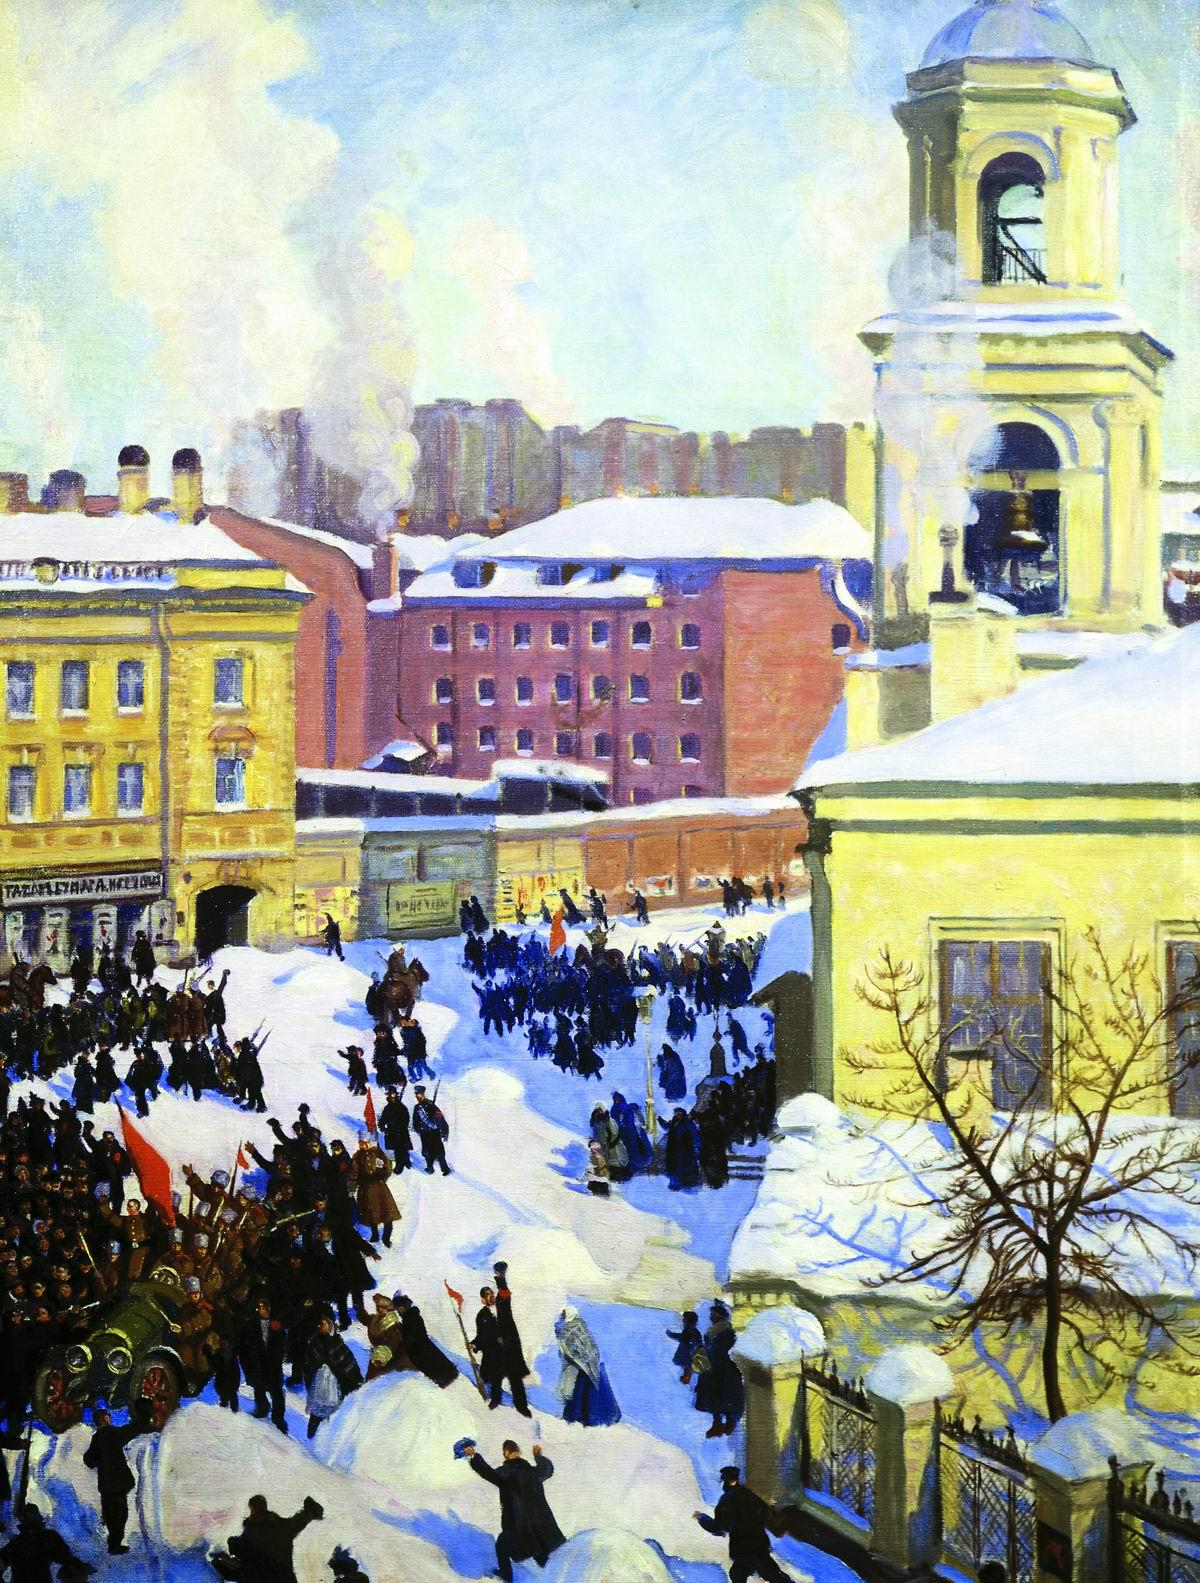 Rewolucja lutowa traktowana była przez bolszewików jako burżuazyjna, wprowadzająca kapitalizm. Obraz Borysa Kustodiewa.